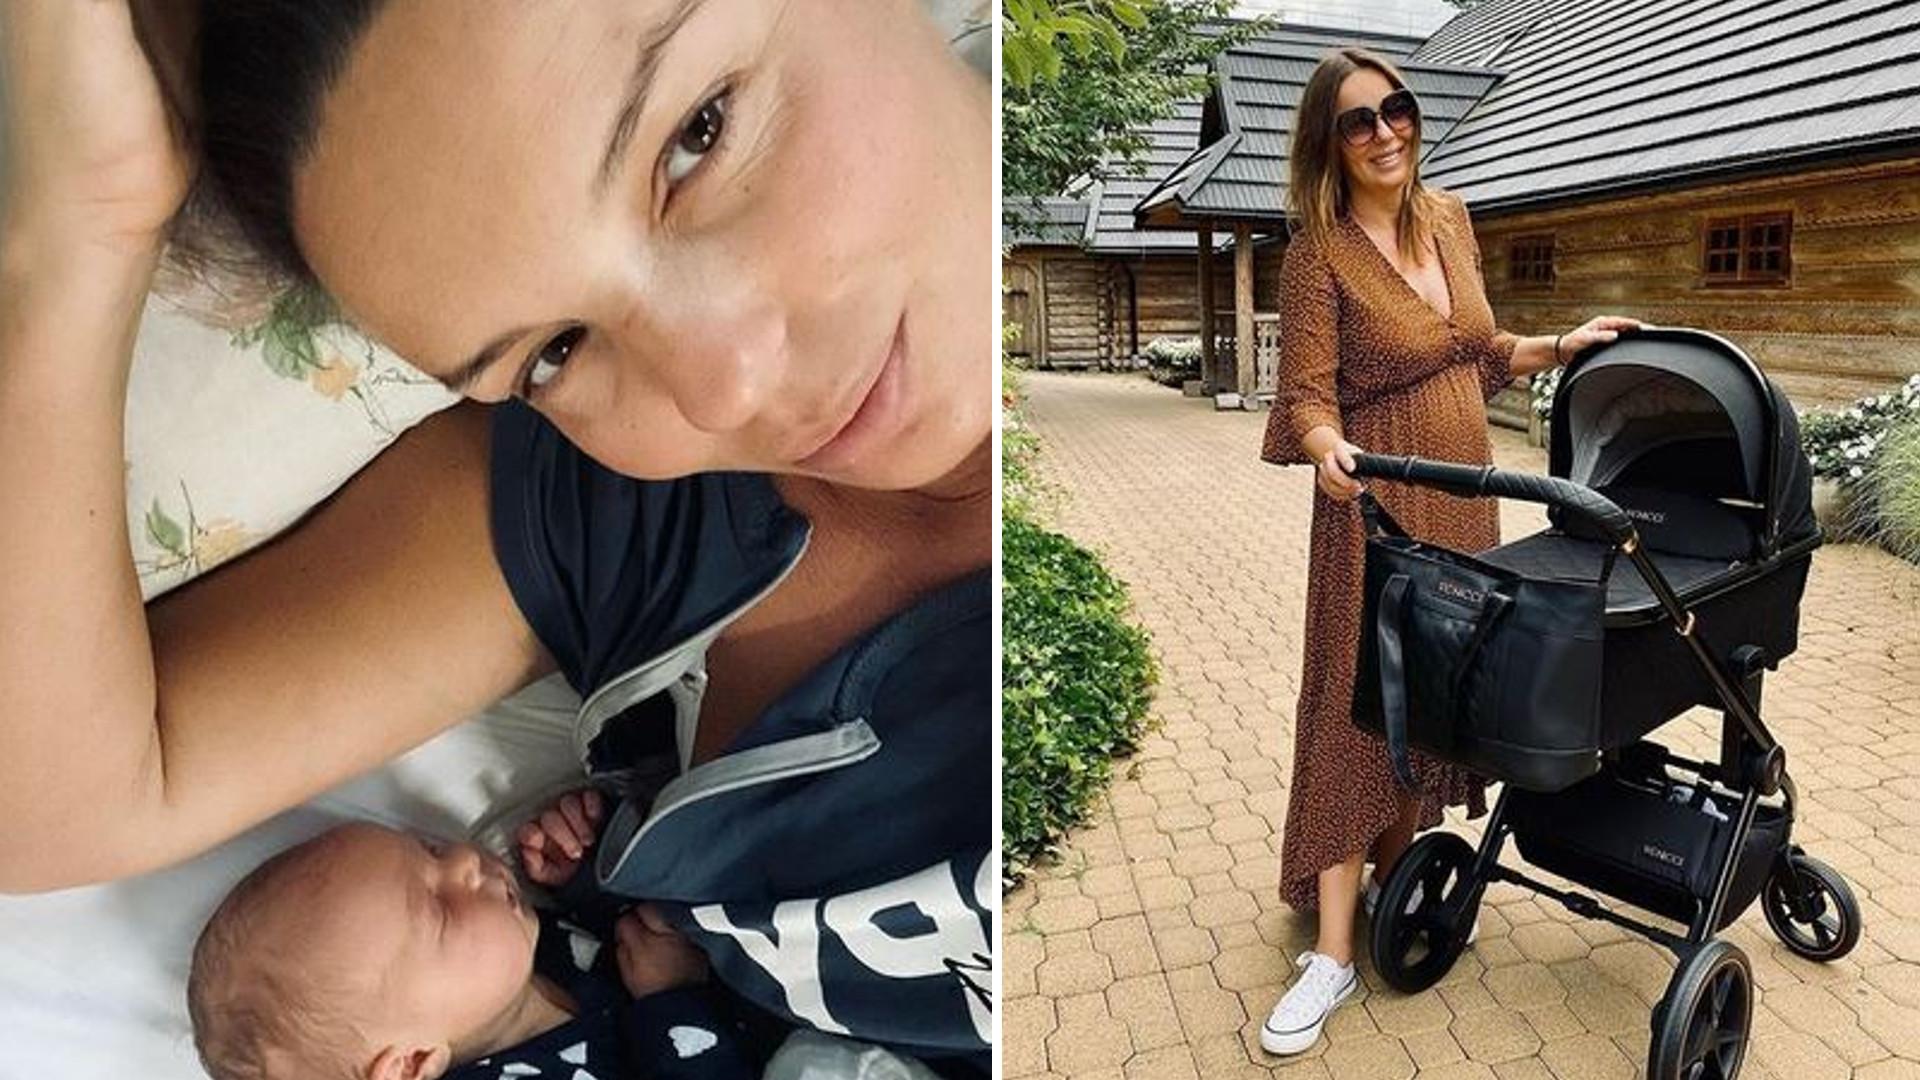 """Agnieszka Włodarczyk pokazuje brzuch 4 tygodnie po porodzie: """"Chciałam sobie coś kupić, ale chyba jeszcze nie ma sensu"""""""